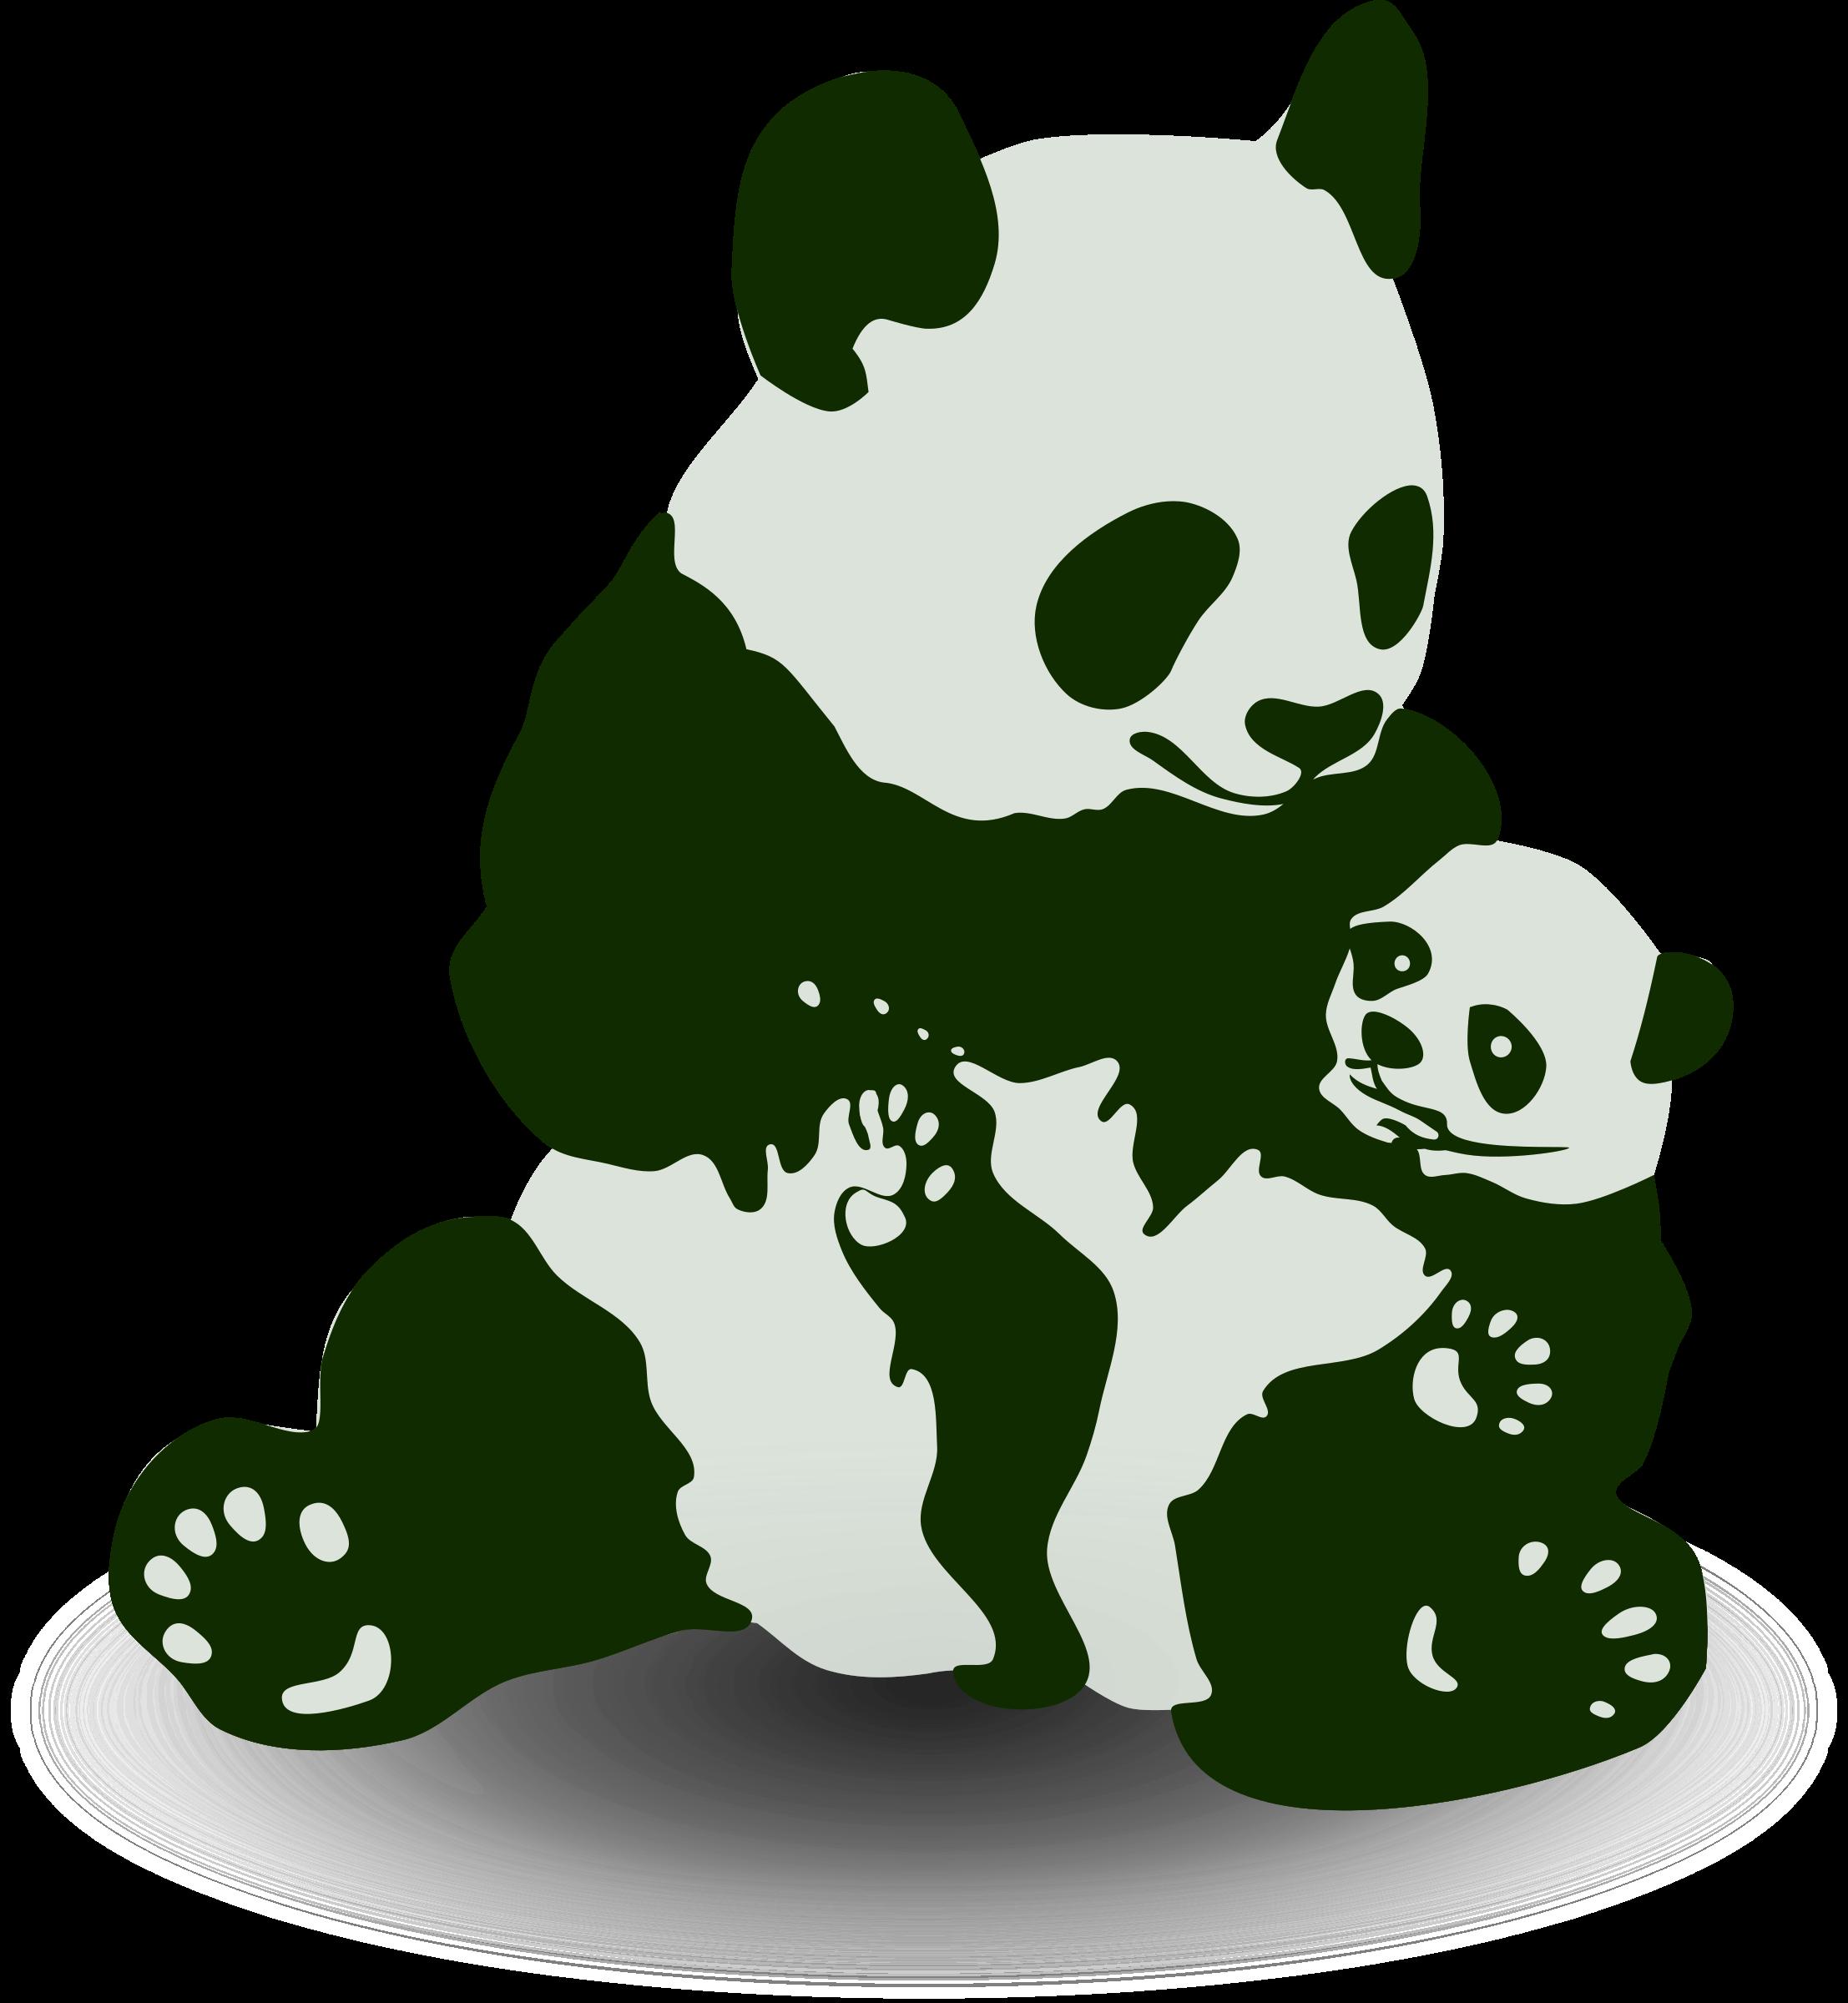 Panda clipart vector. Baby big image png